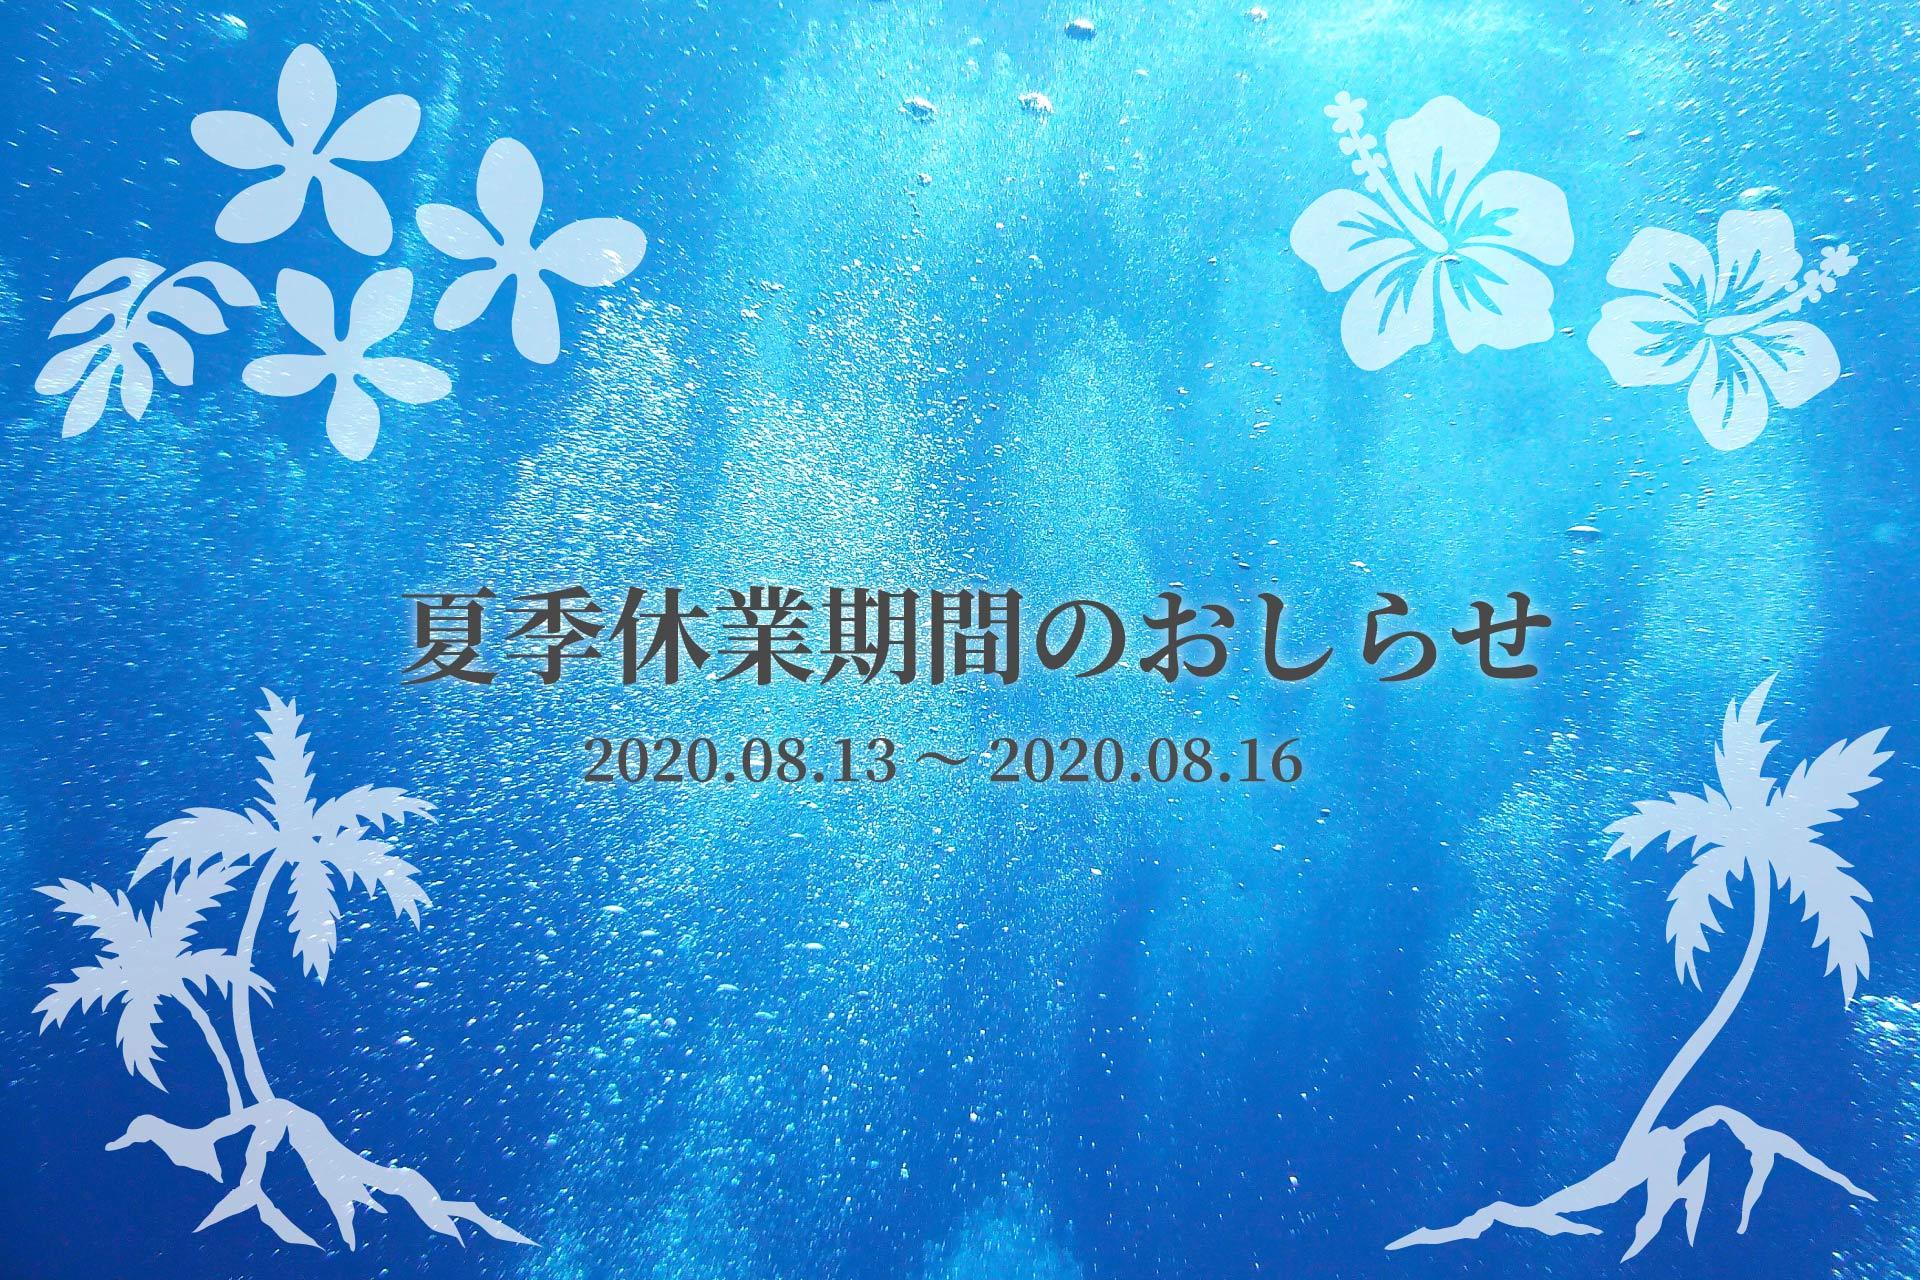 2020年度 夏季休暇のお知らせ(8/13~8/16)